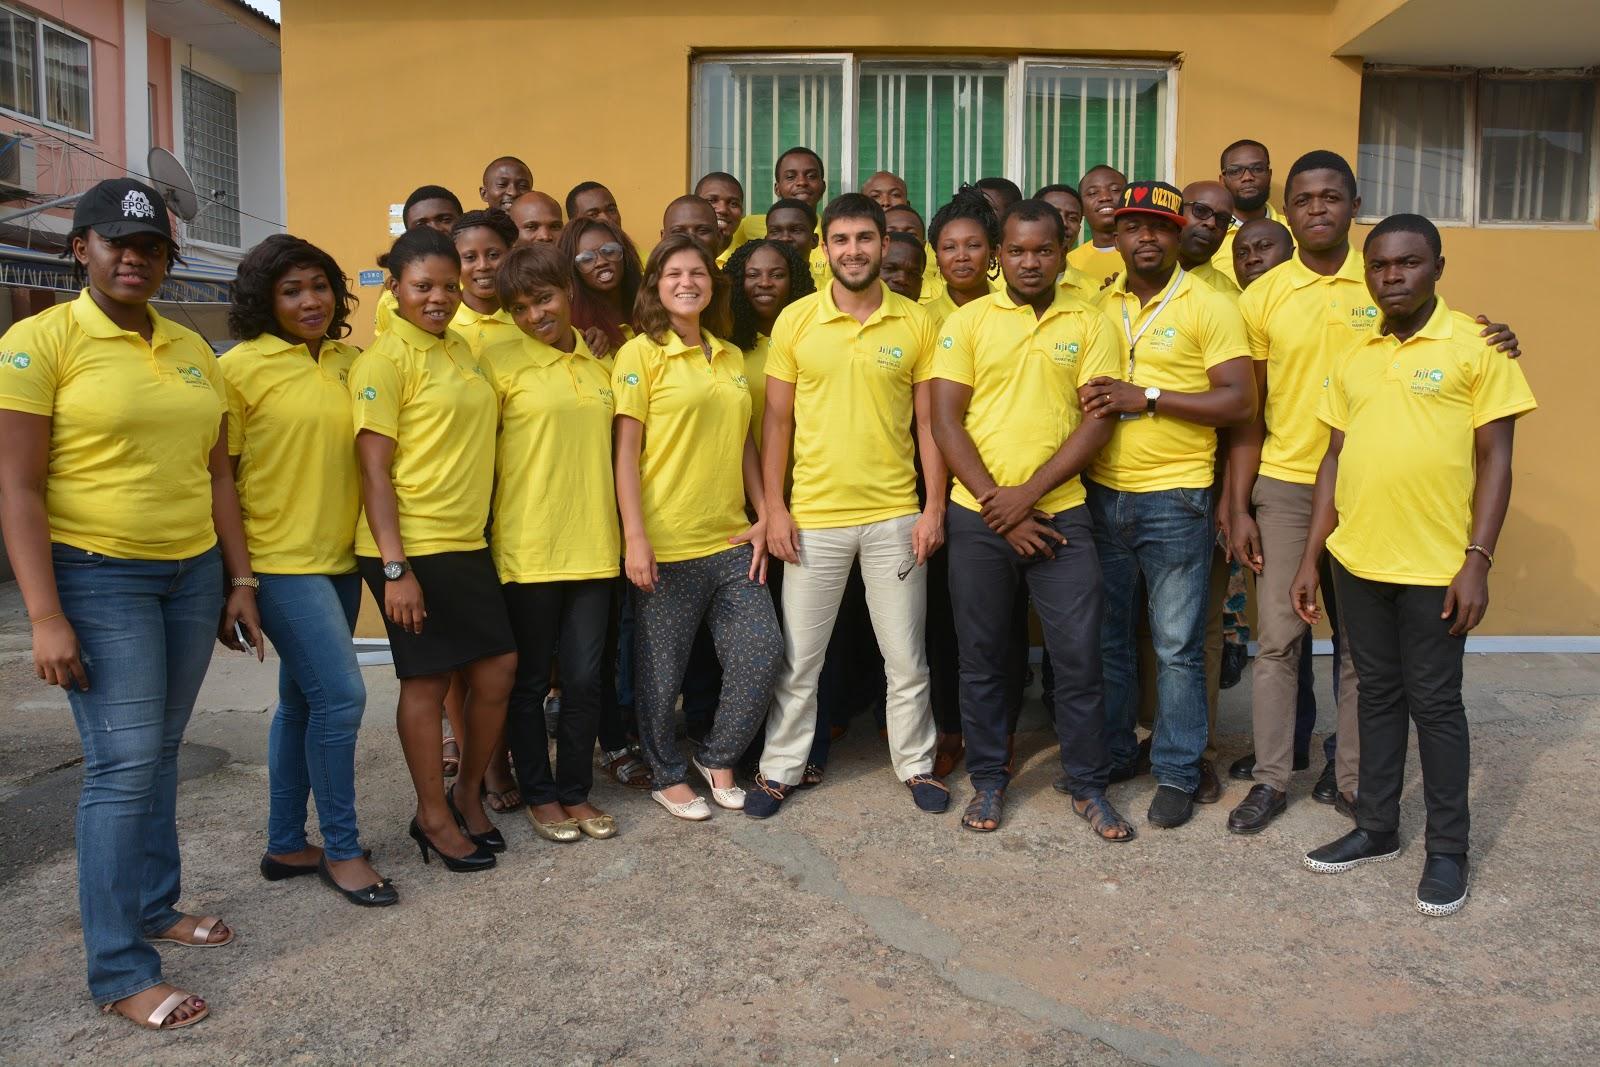 Фото нашей локальной команды с главой наших операций в Нигерии, Юлием Шенфелдом – он тоже из Украины. Сейчас там работает около 100 человек в локальных операциях.